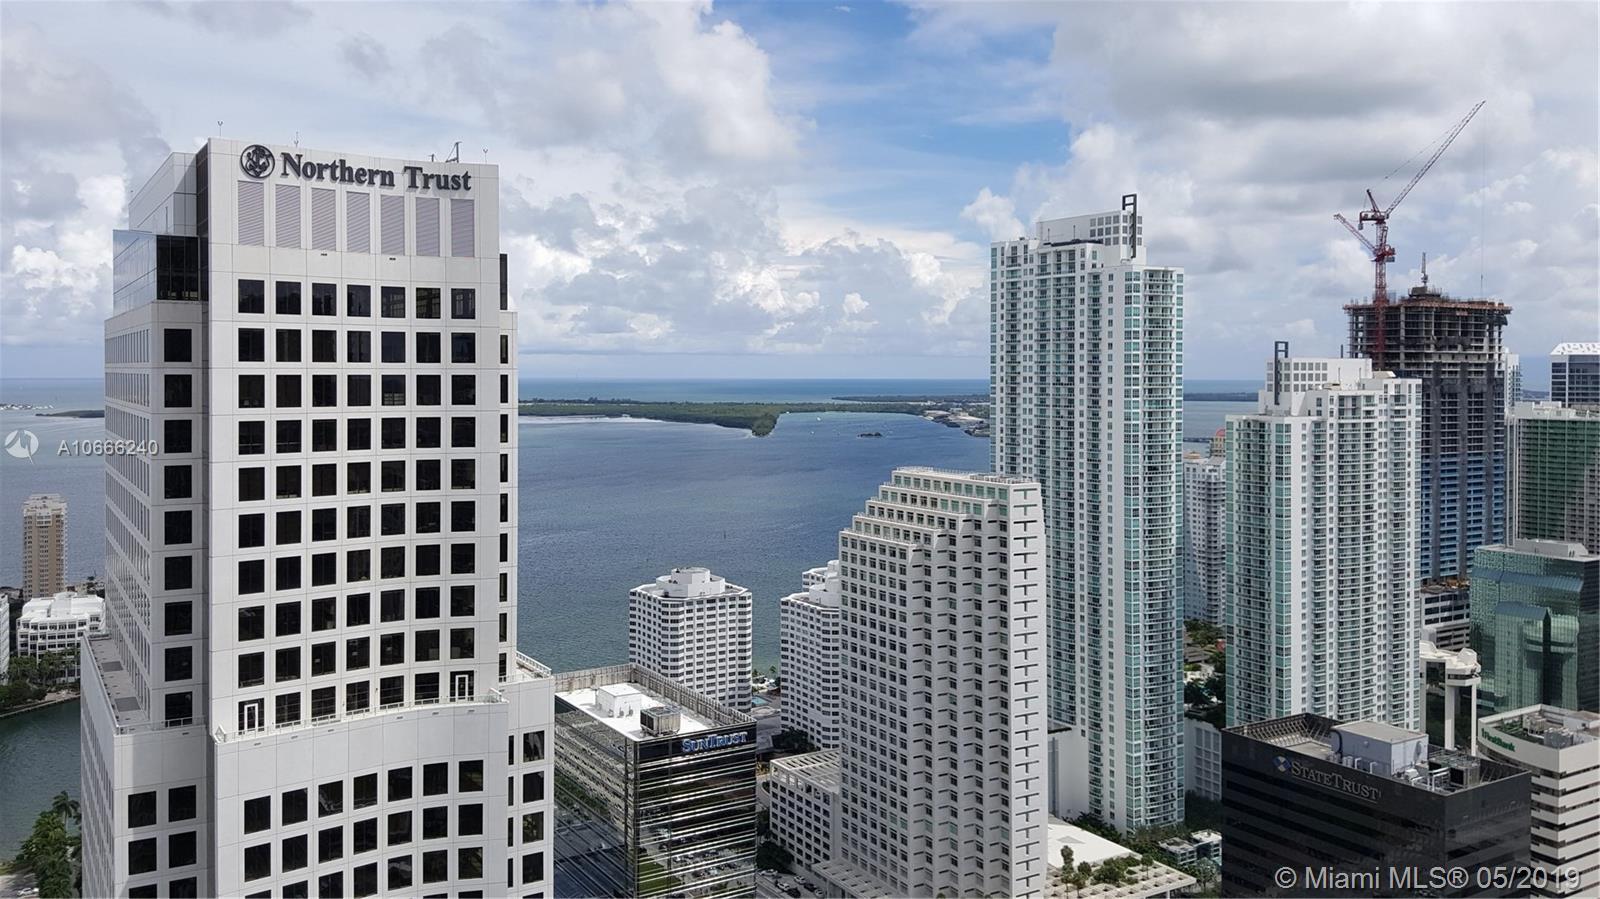 Reach Brickell City Centre #4009 - 68 SE 6 ST #4009, Miami, FL 33131